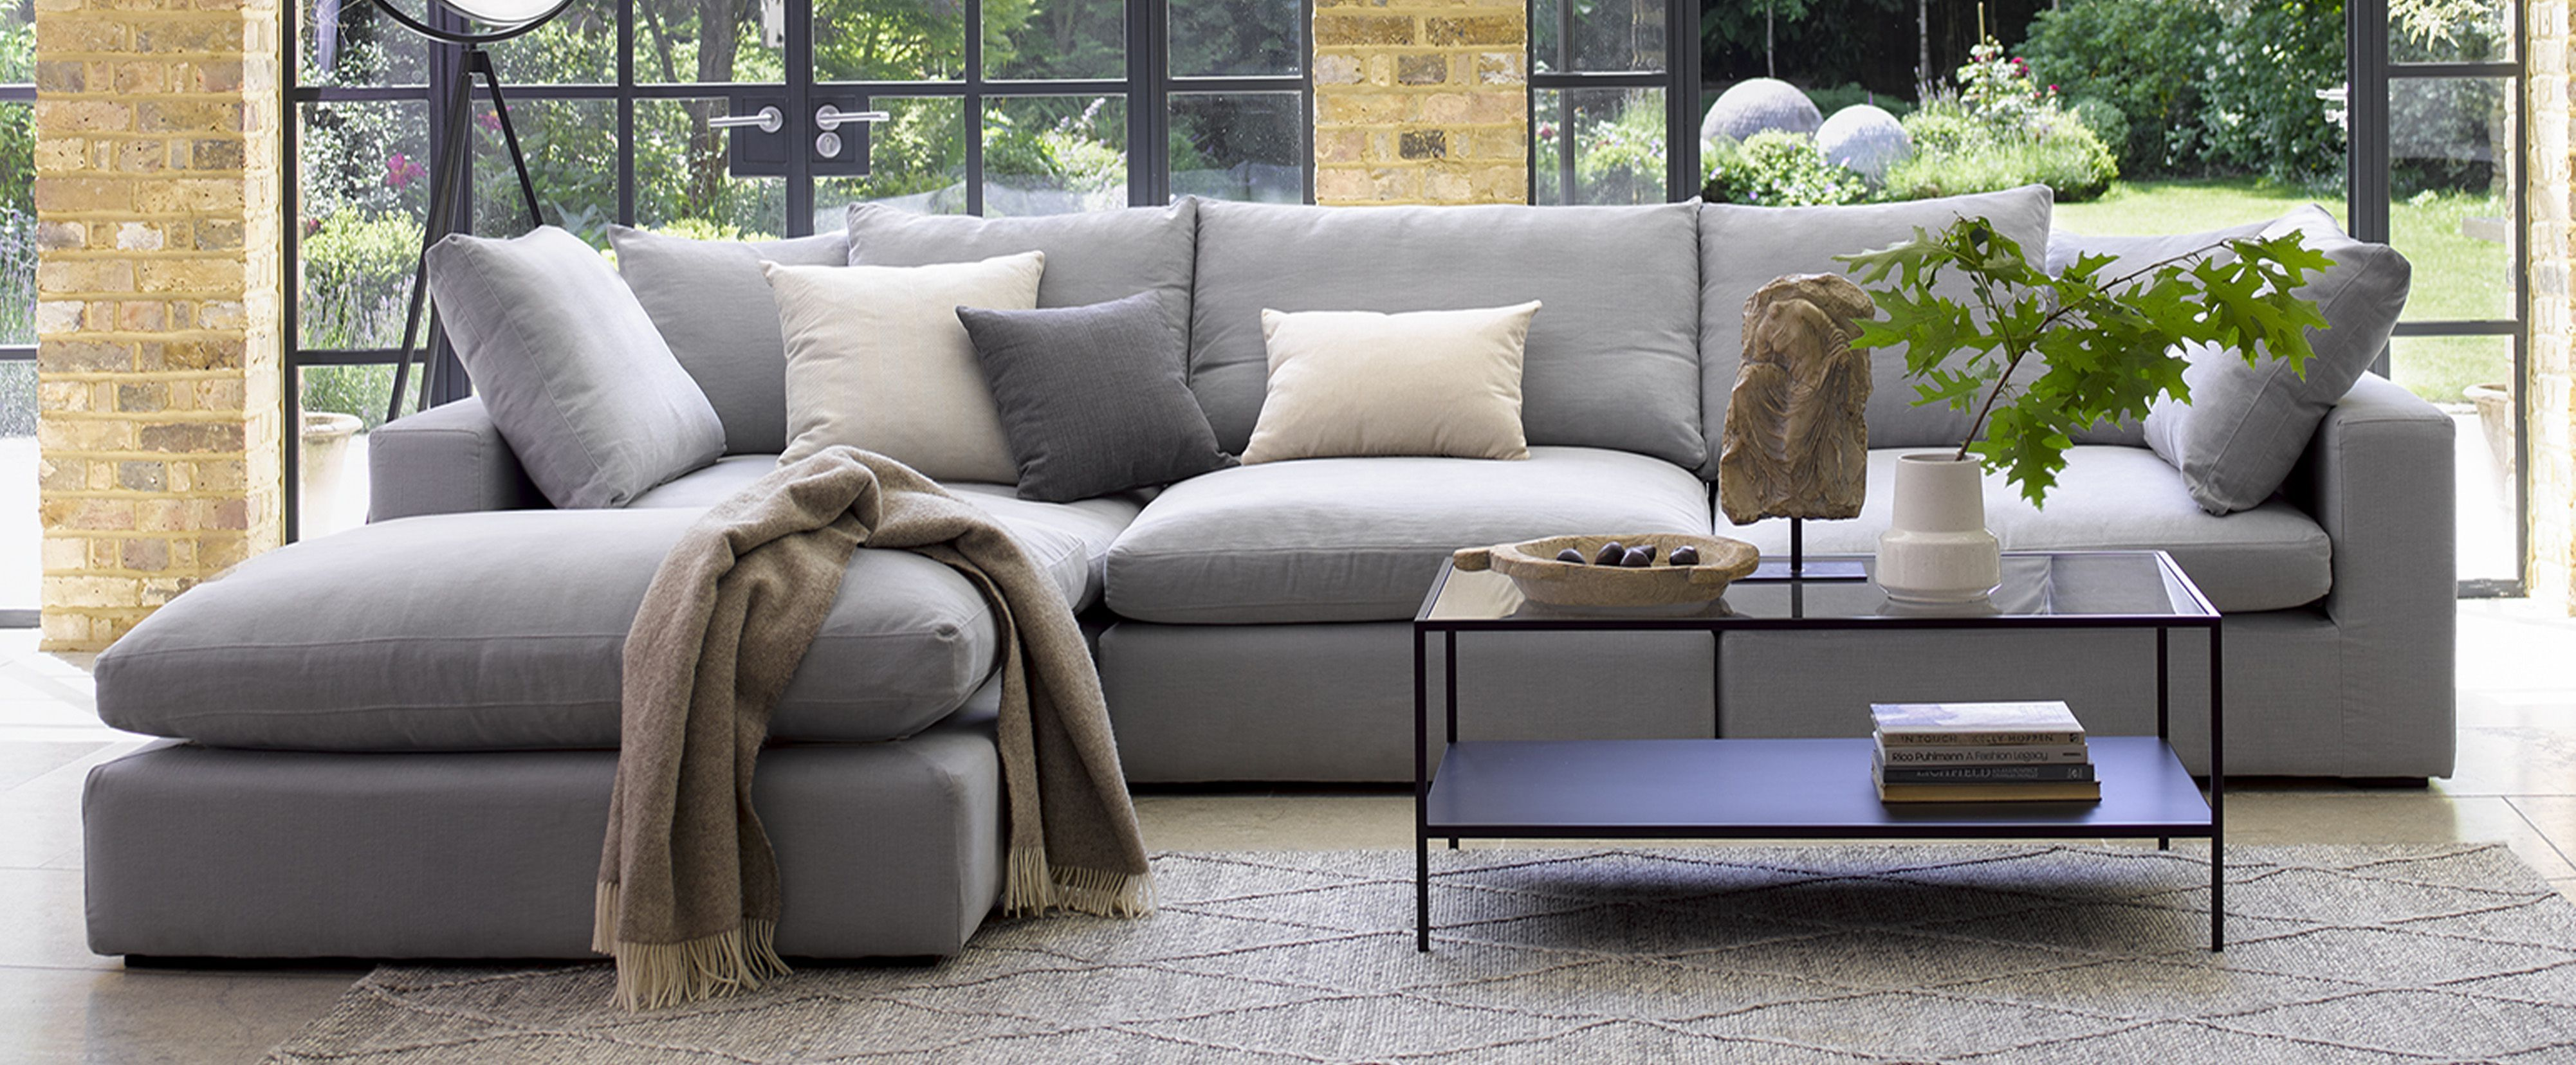 large-sofas.jpg